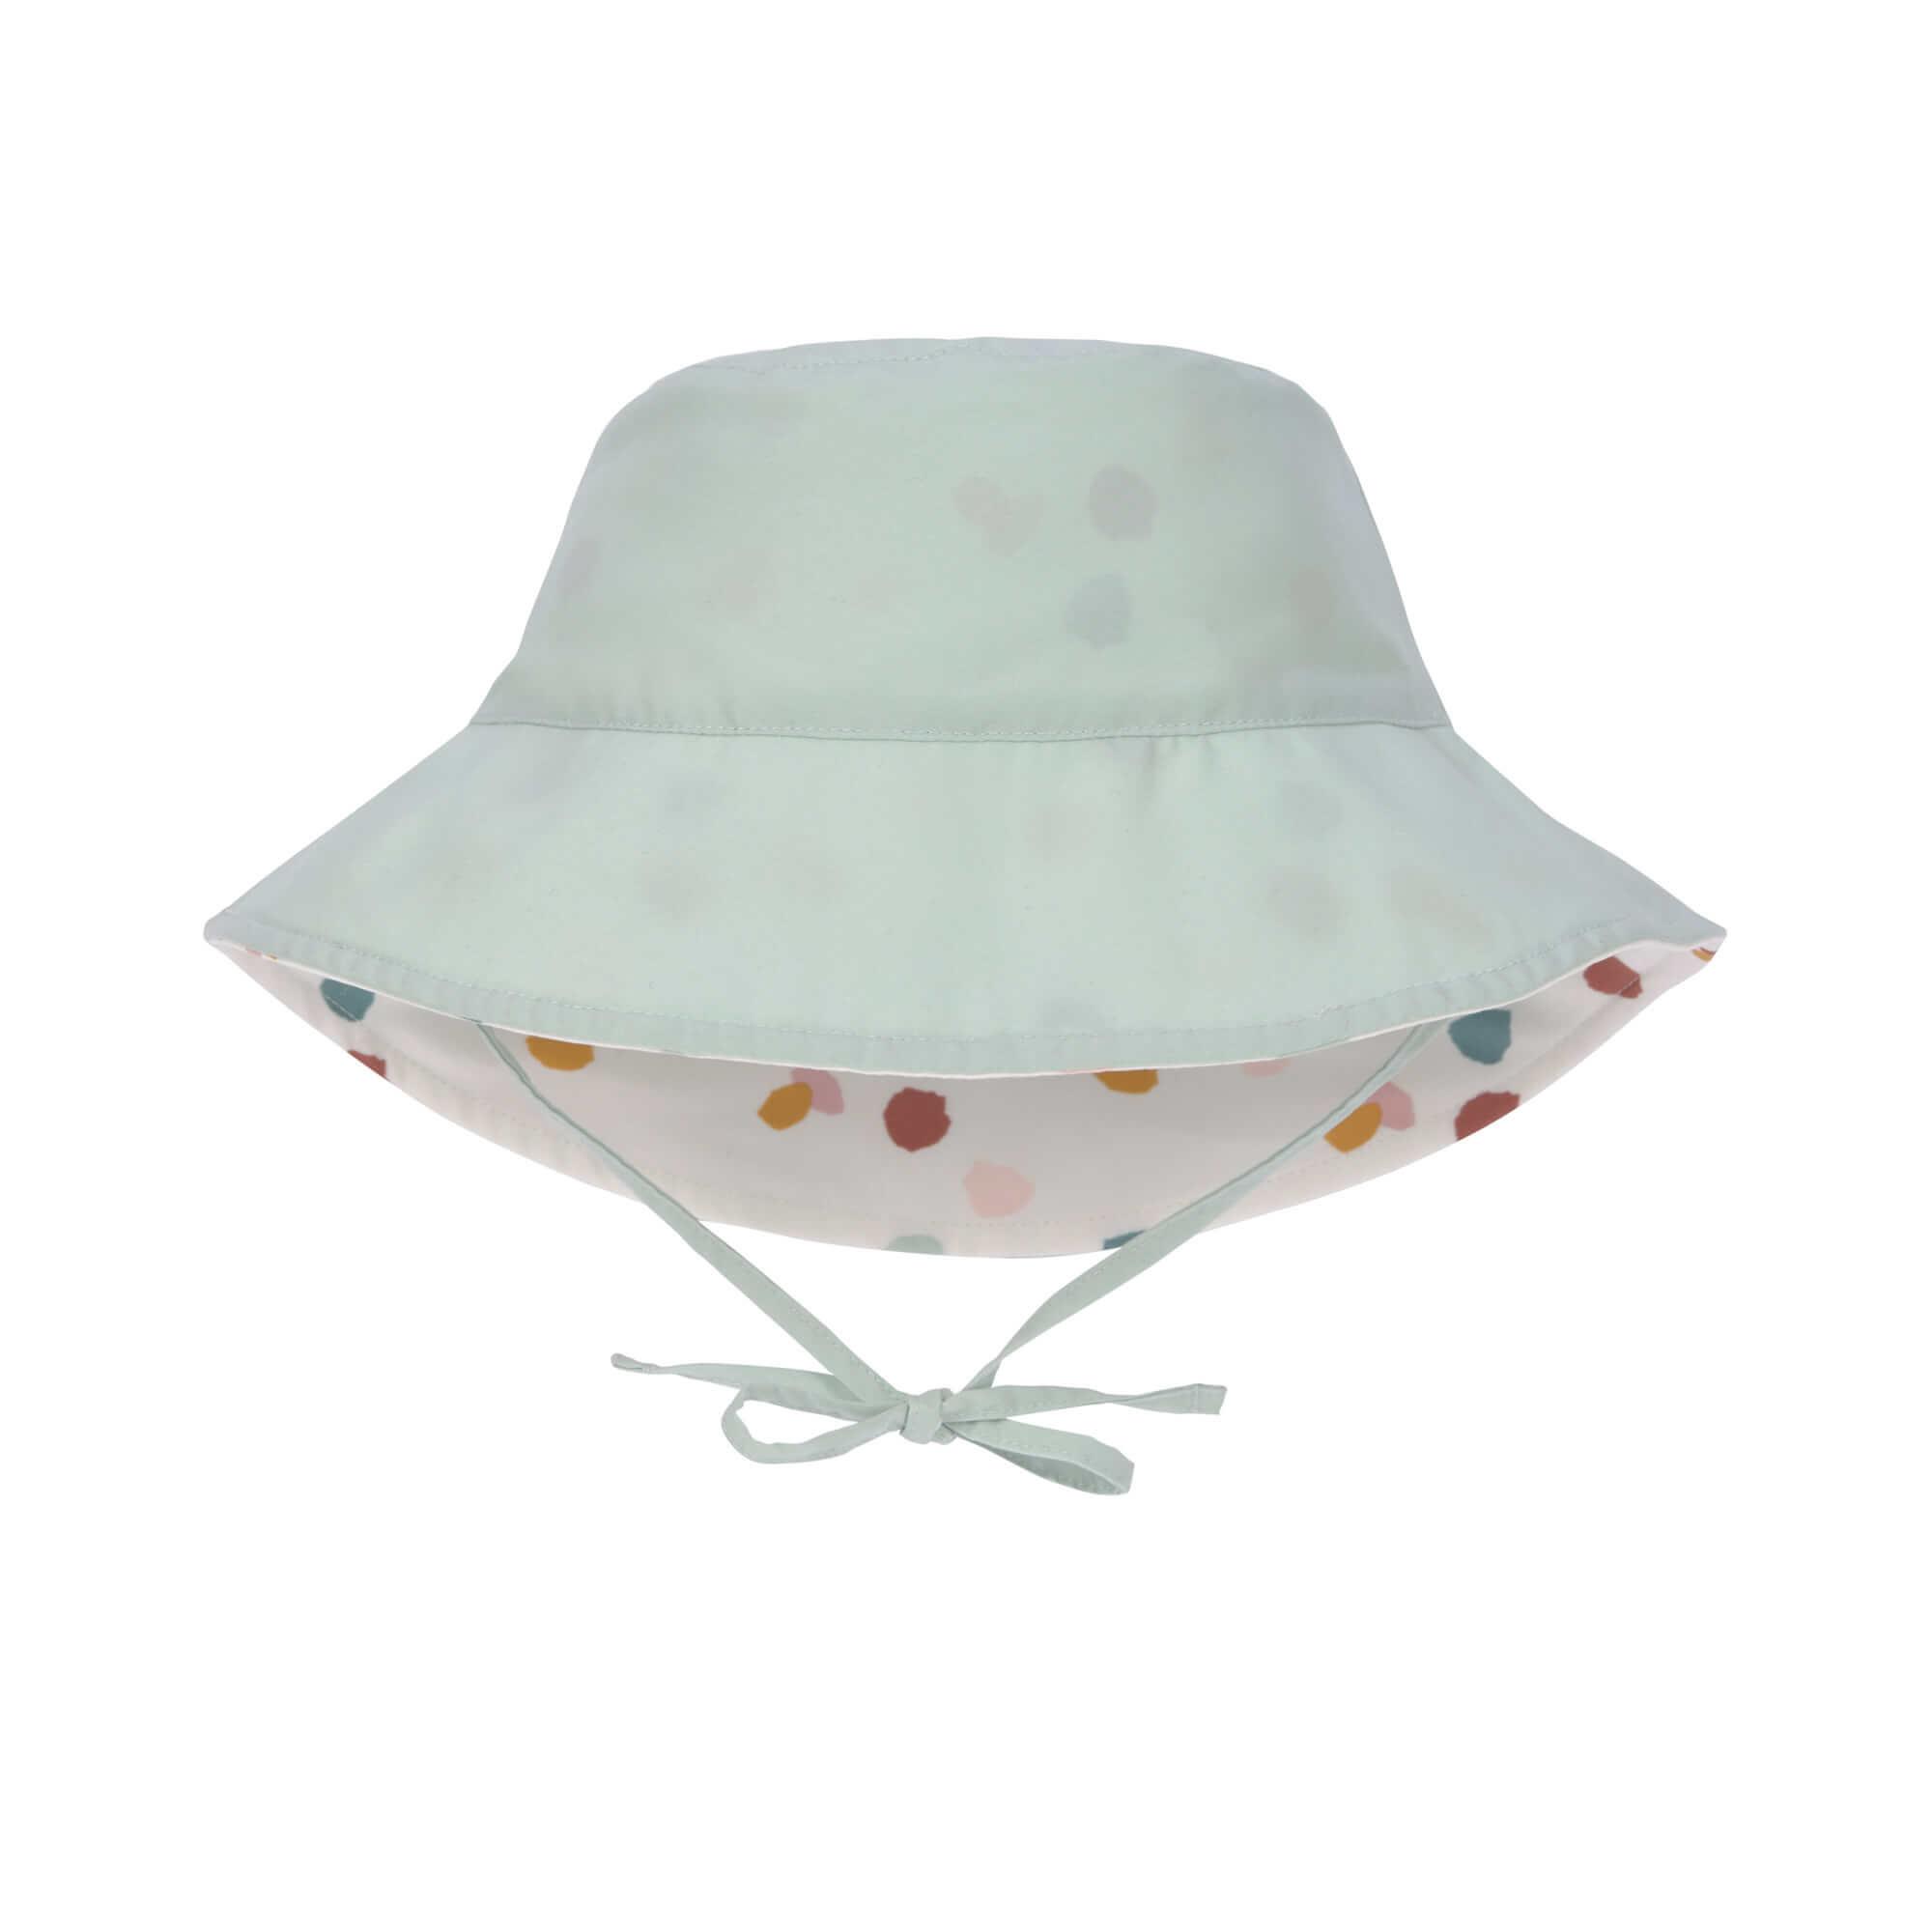 Lässig Lässig Splash & Fun Sun Protection Zonnehoed Vissershoed met UV bescherming - Spotted white 19-36 maanden, Maat: 50/51